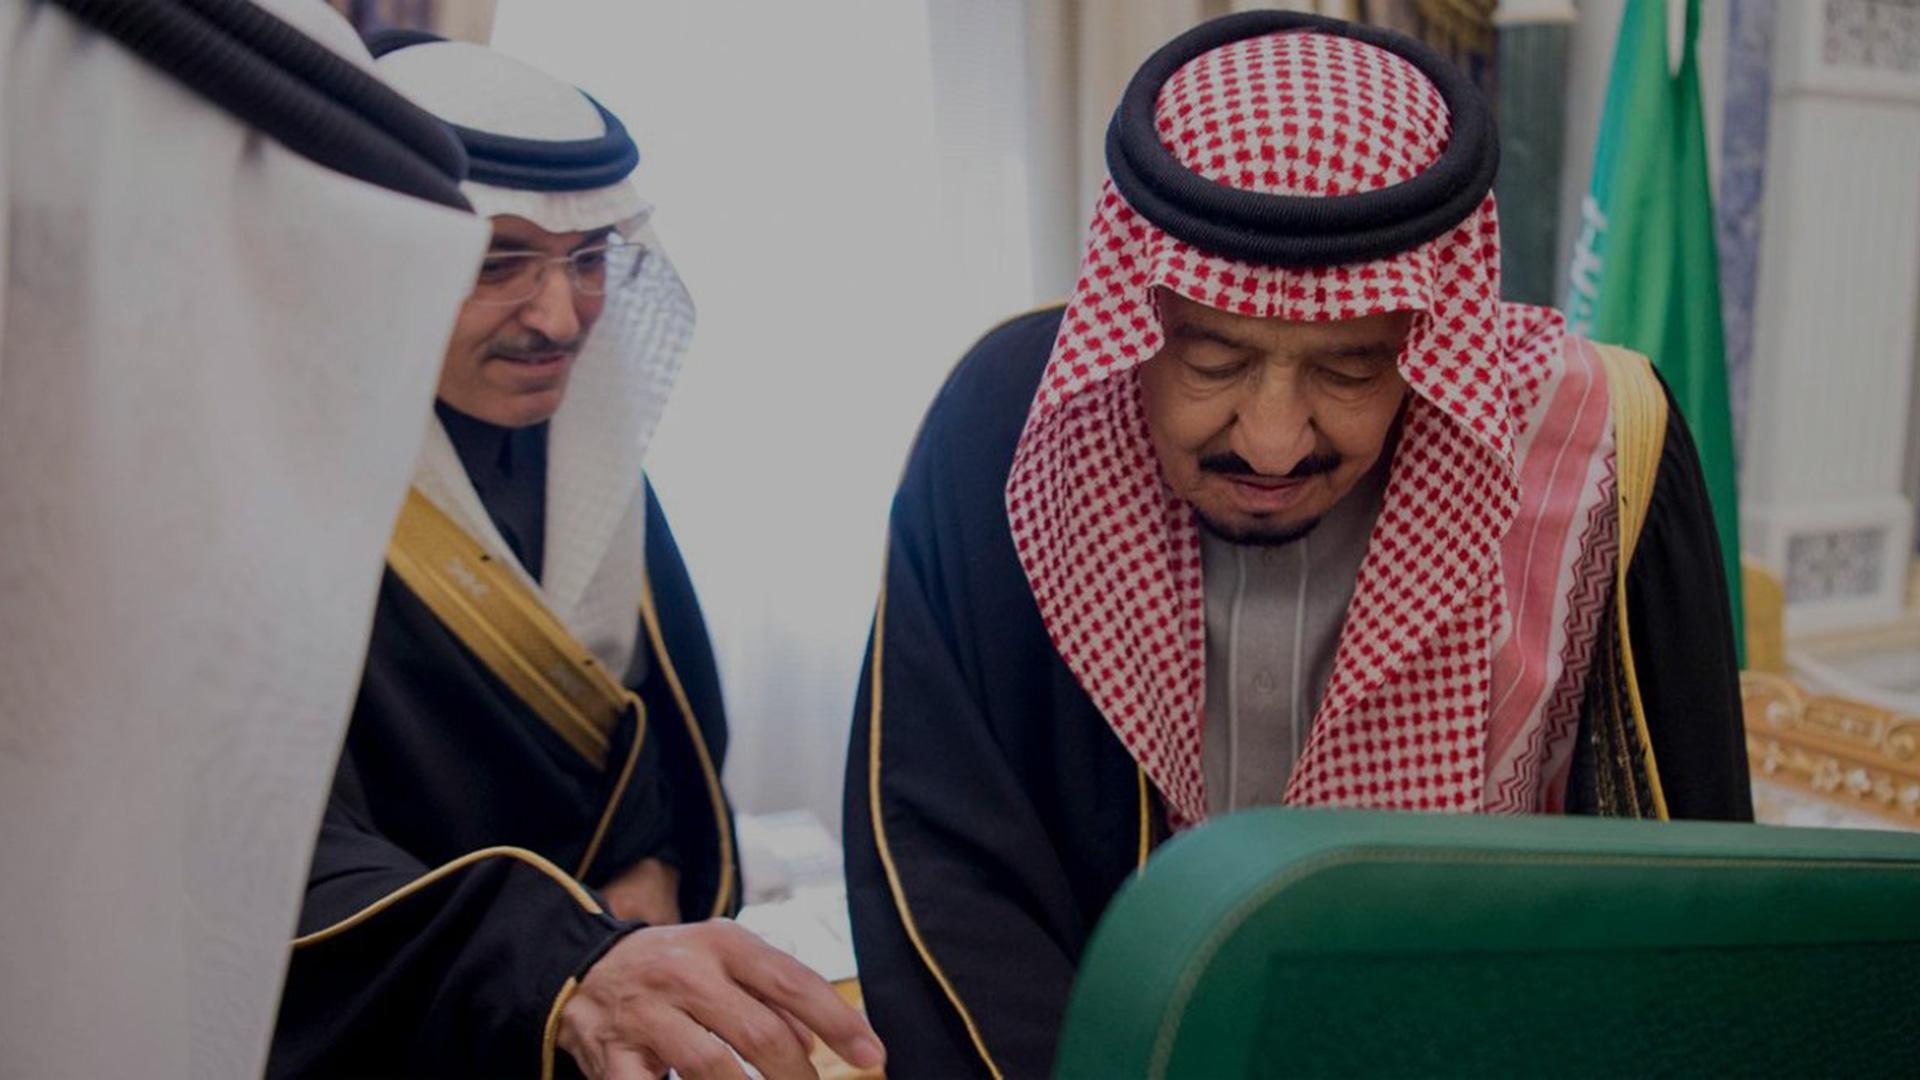 حفل تدشين الإصدار السادس من العملة السعودية